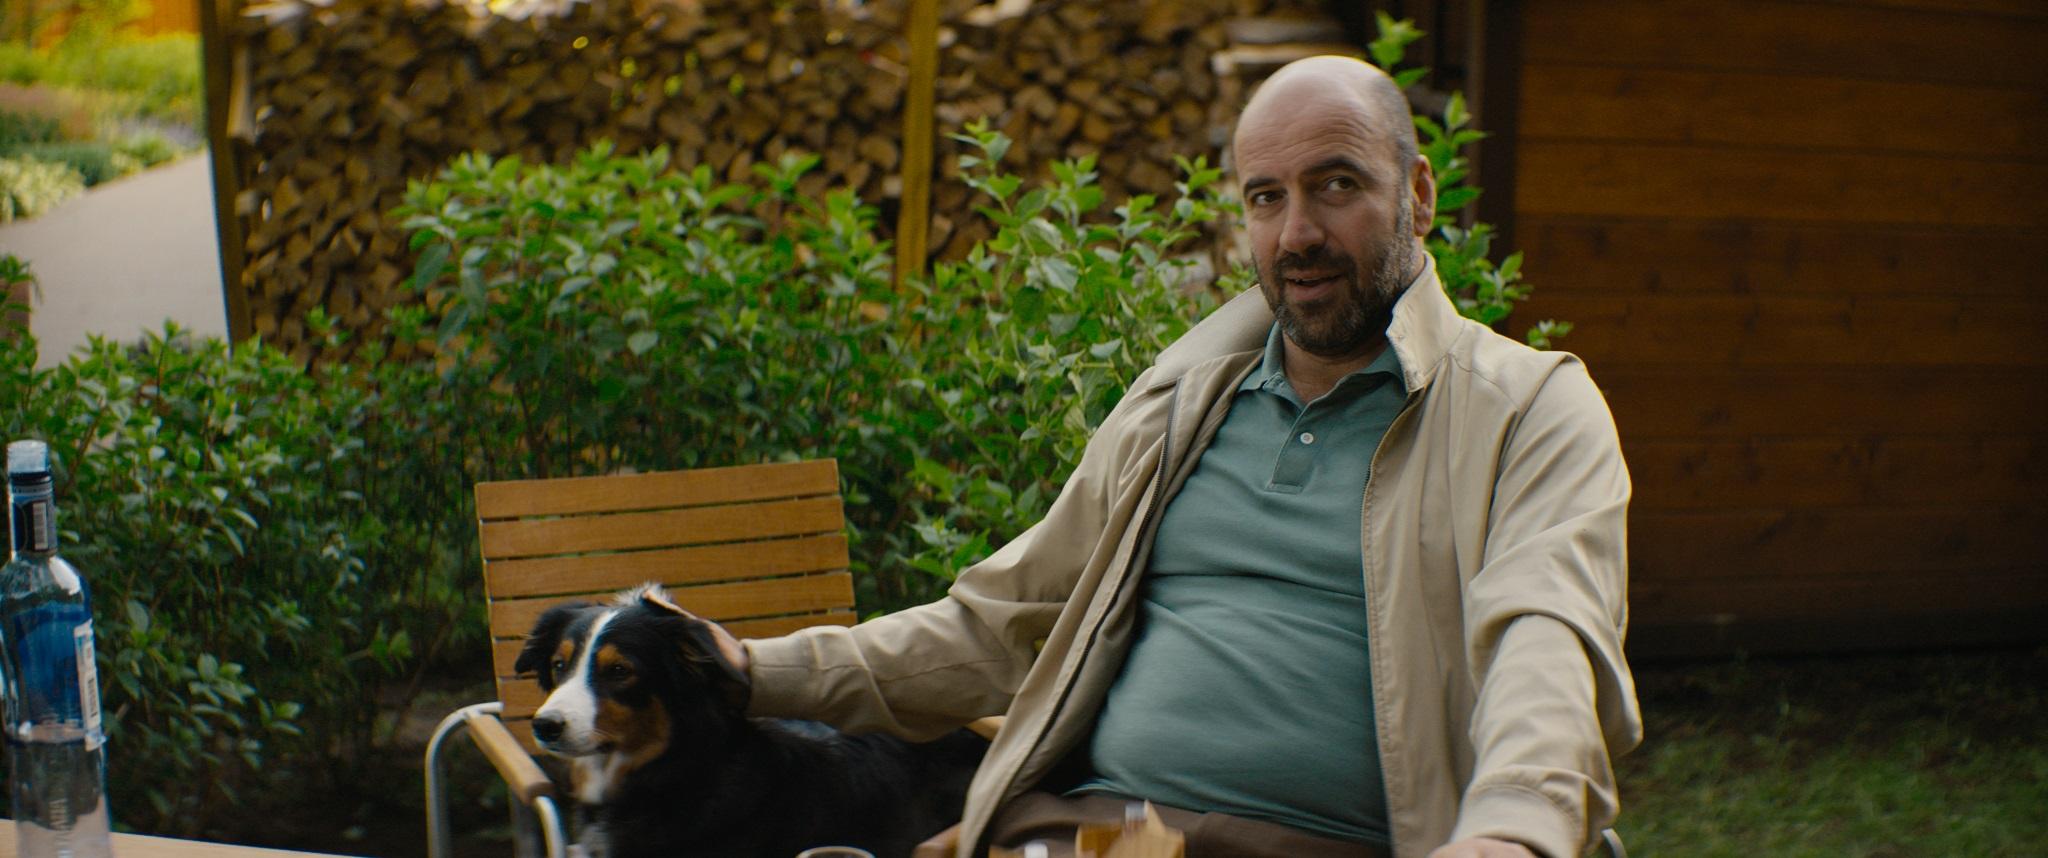 Фото из фильма Фильм - Громкая связь